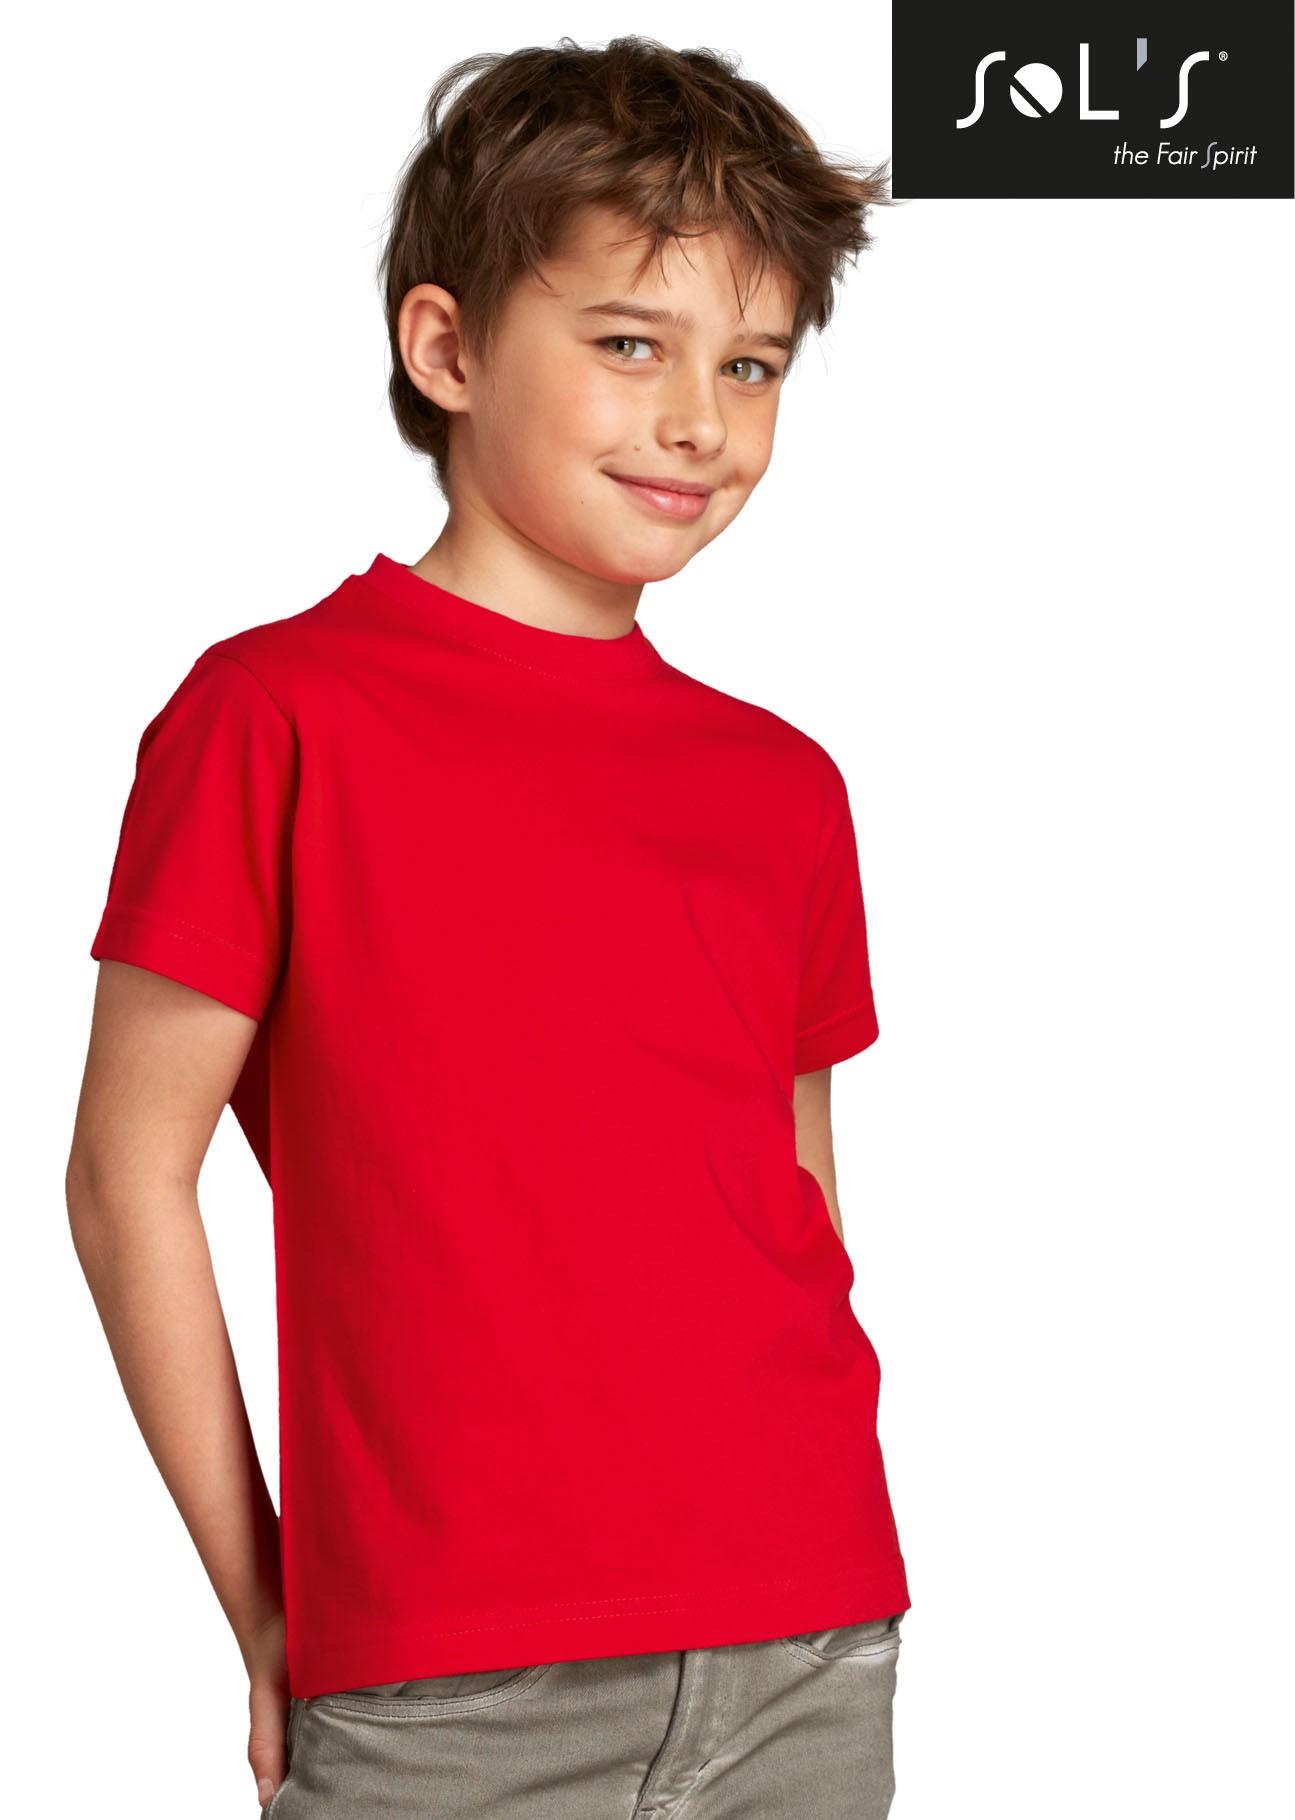 sol 39 s kinder t shirt imperial g nstig bedrucken. Black Bedroom Furniture Sets. Home Design Ideas